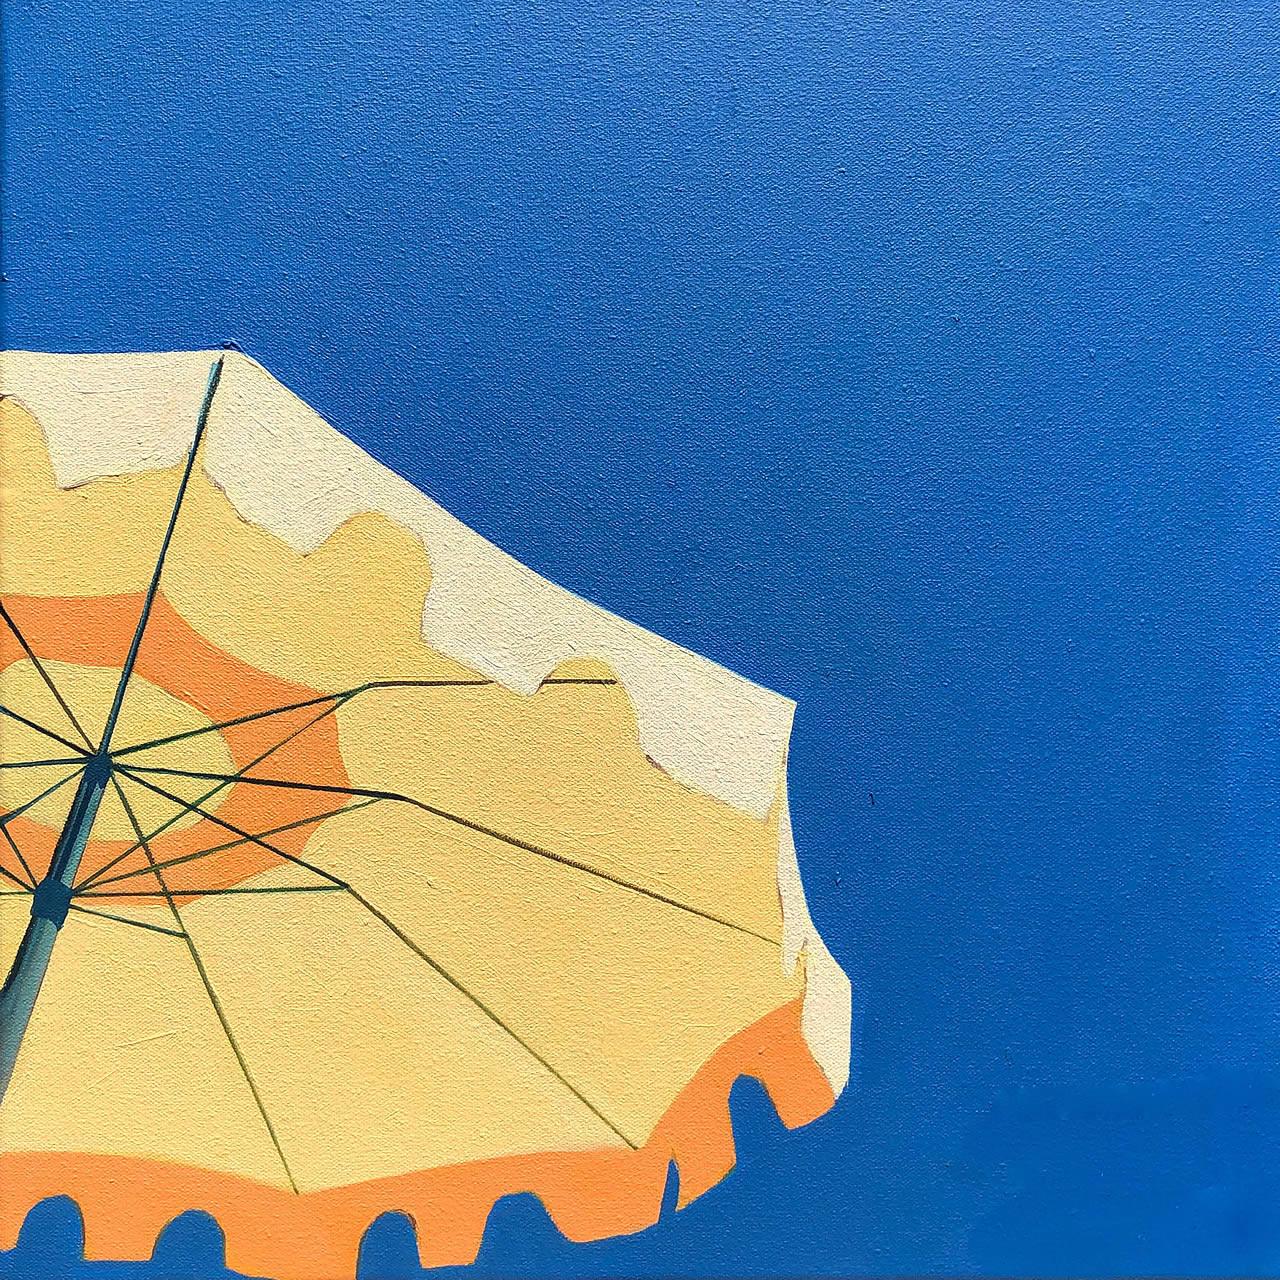 Summer Umbrella